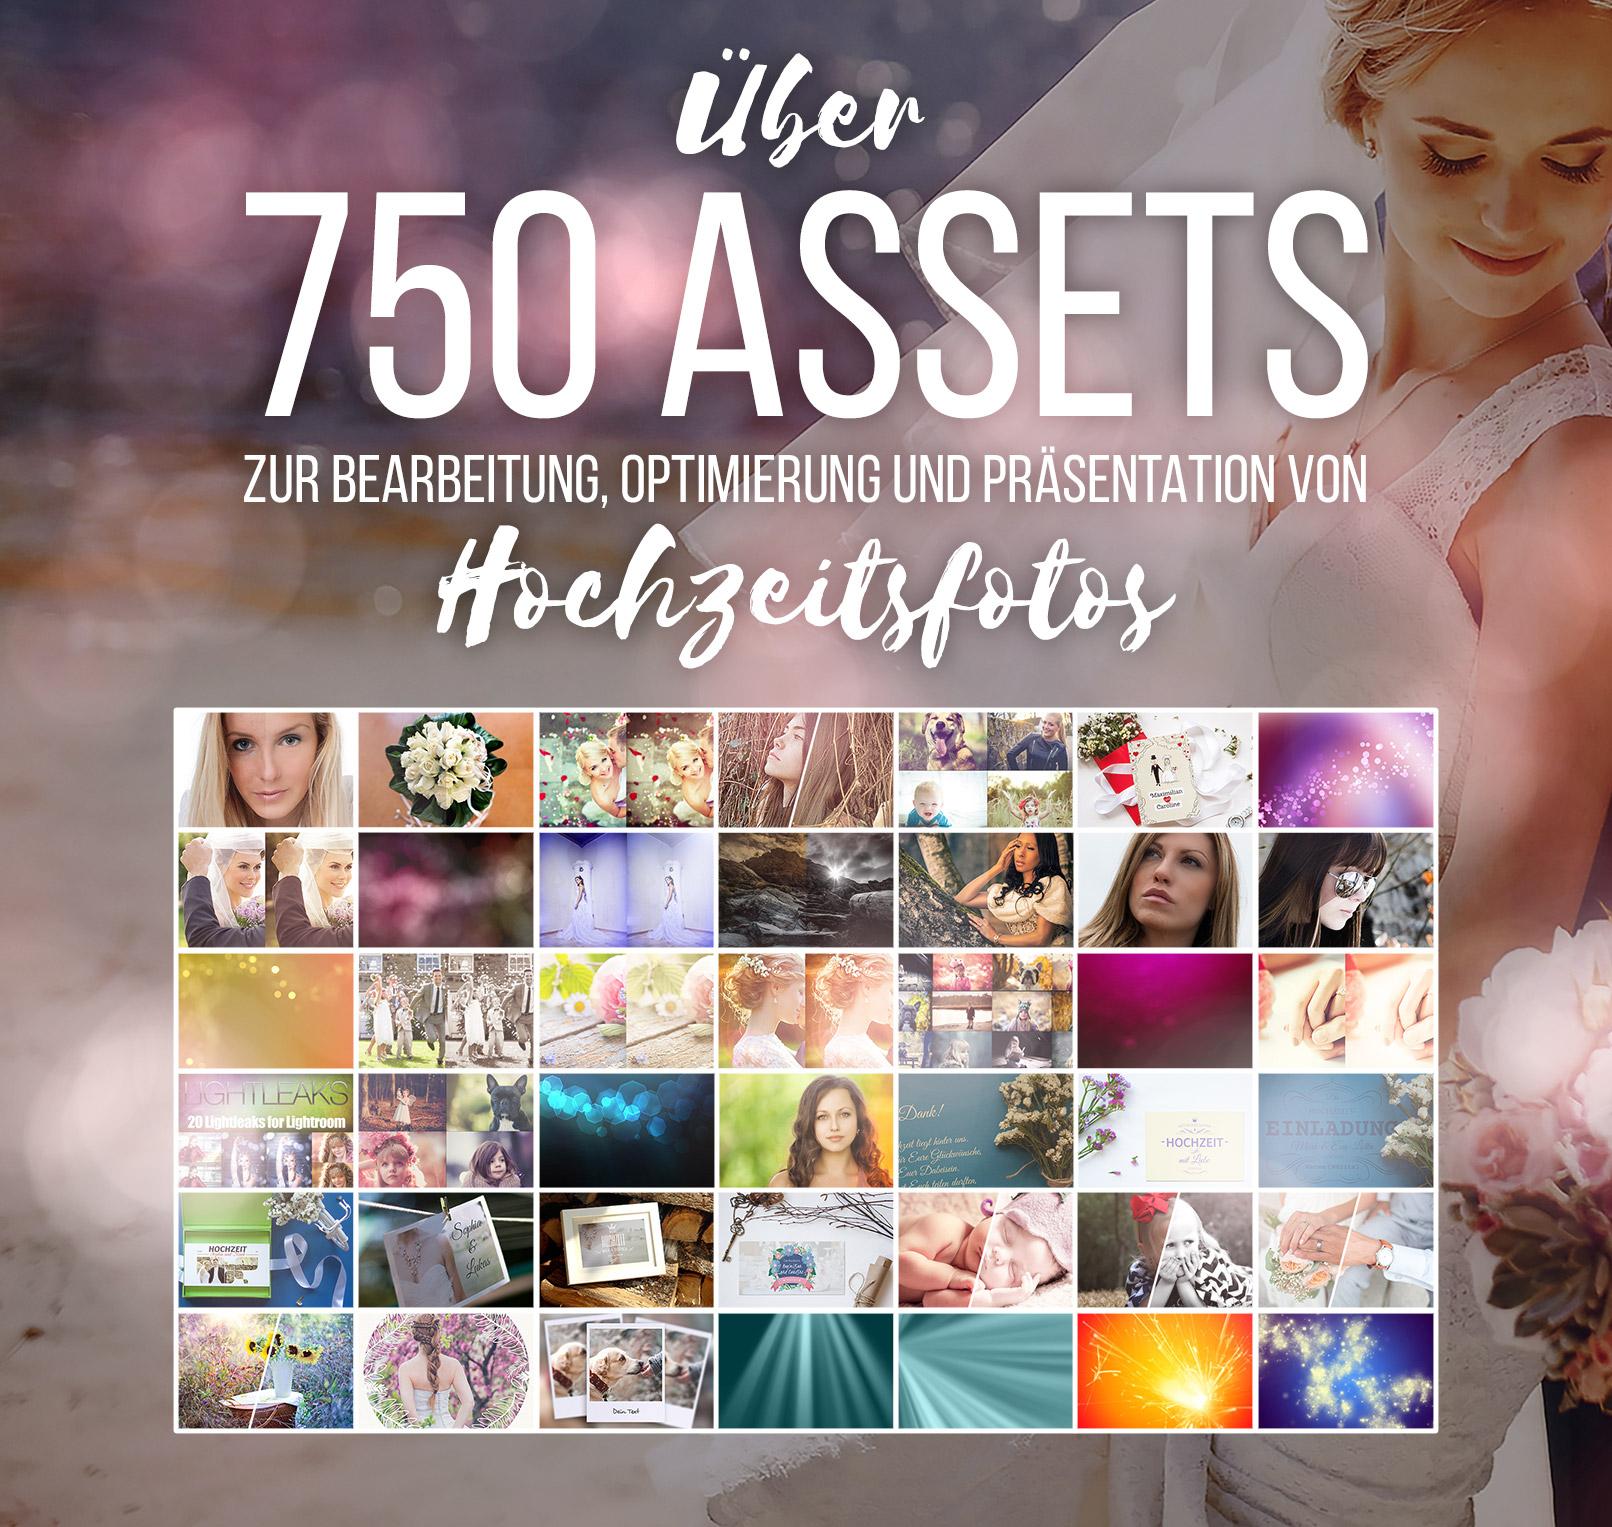 Presets, Mockups, Aktionen, Pinsel, Bokehs für die Hochzeitsfotografie